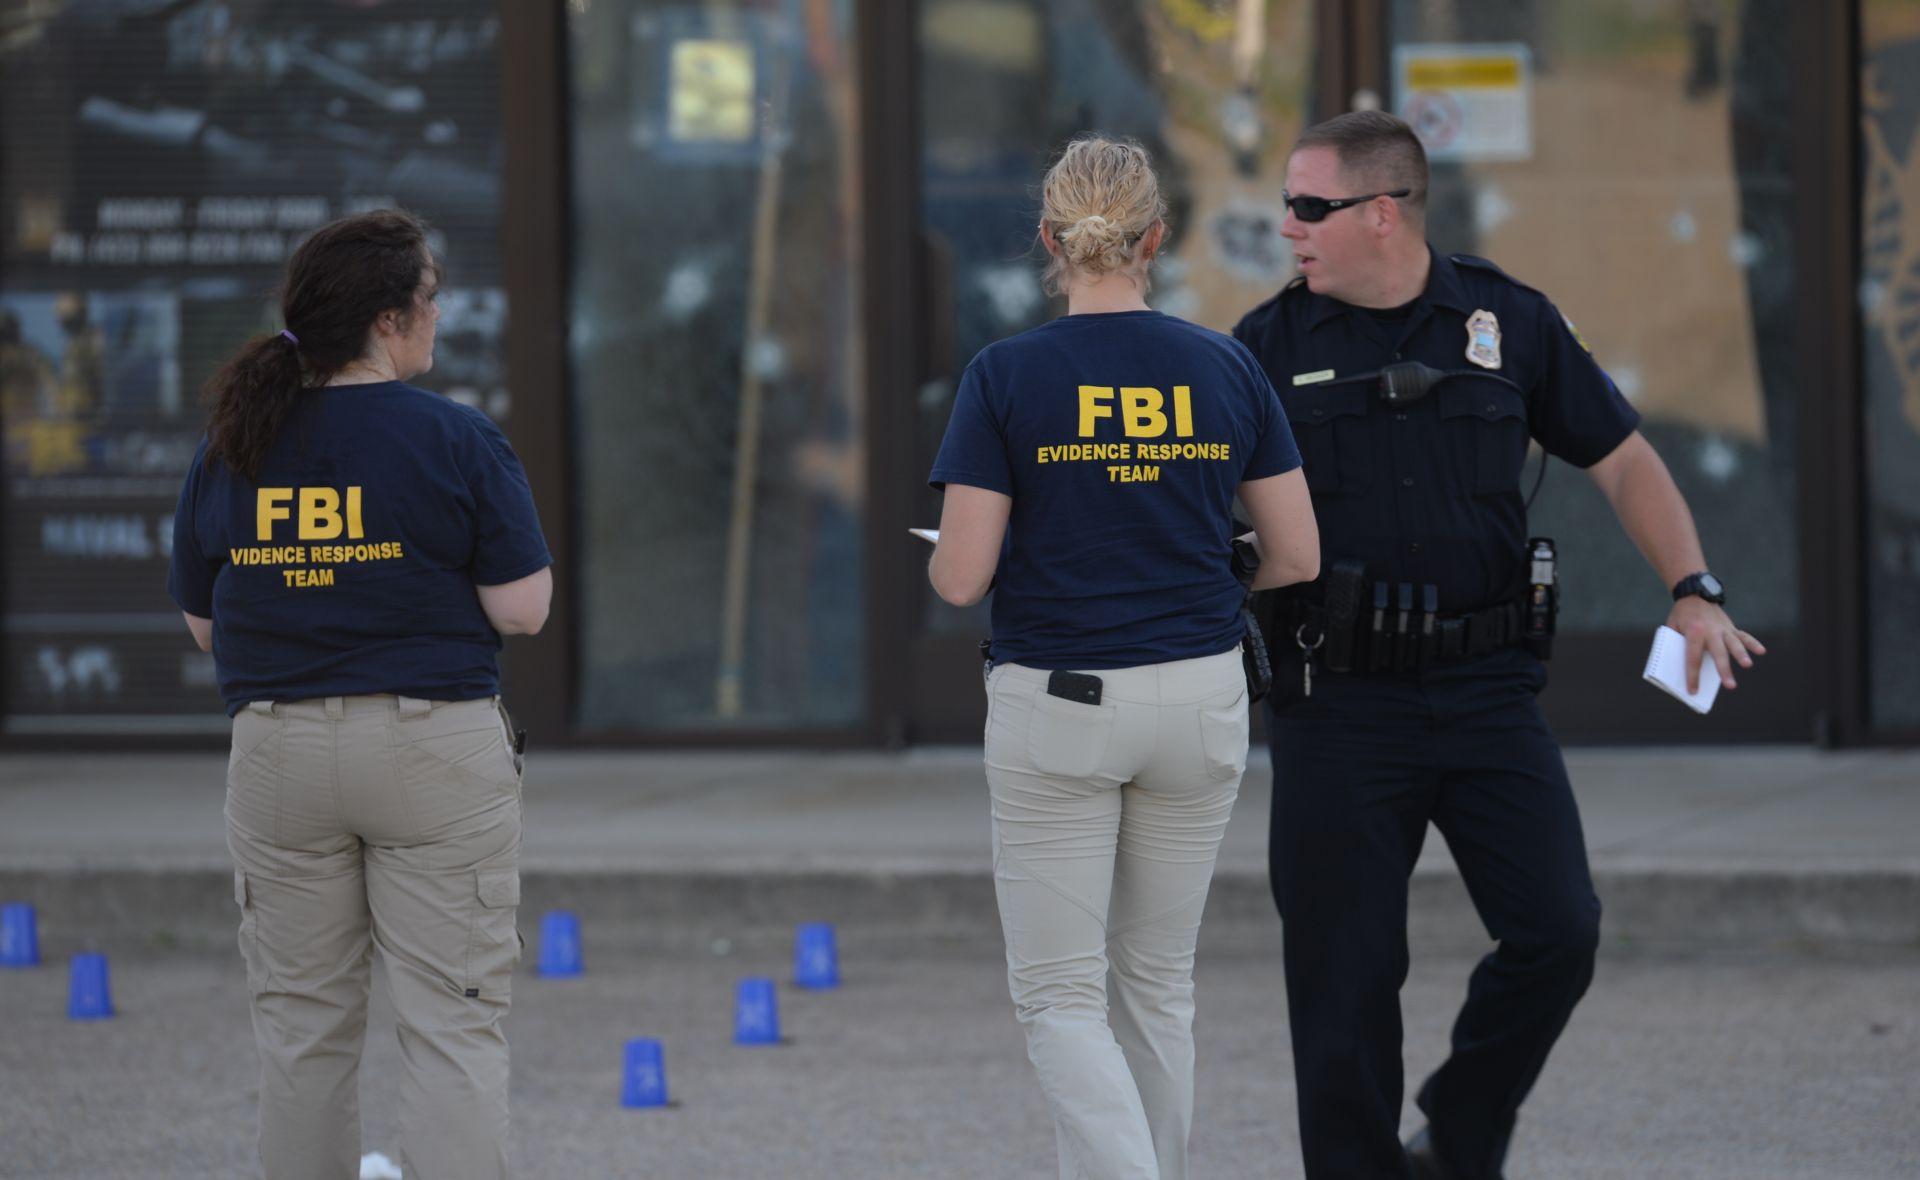 TERORISTIČKI NAPAD U TENNESSEEIJU: Istražitelji tragaju za motivom napada na marince